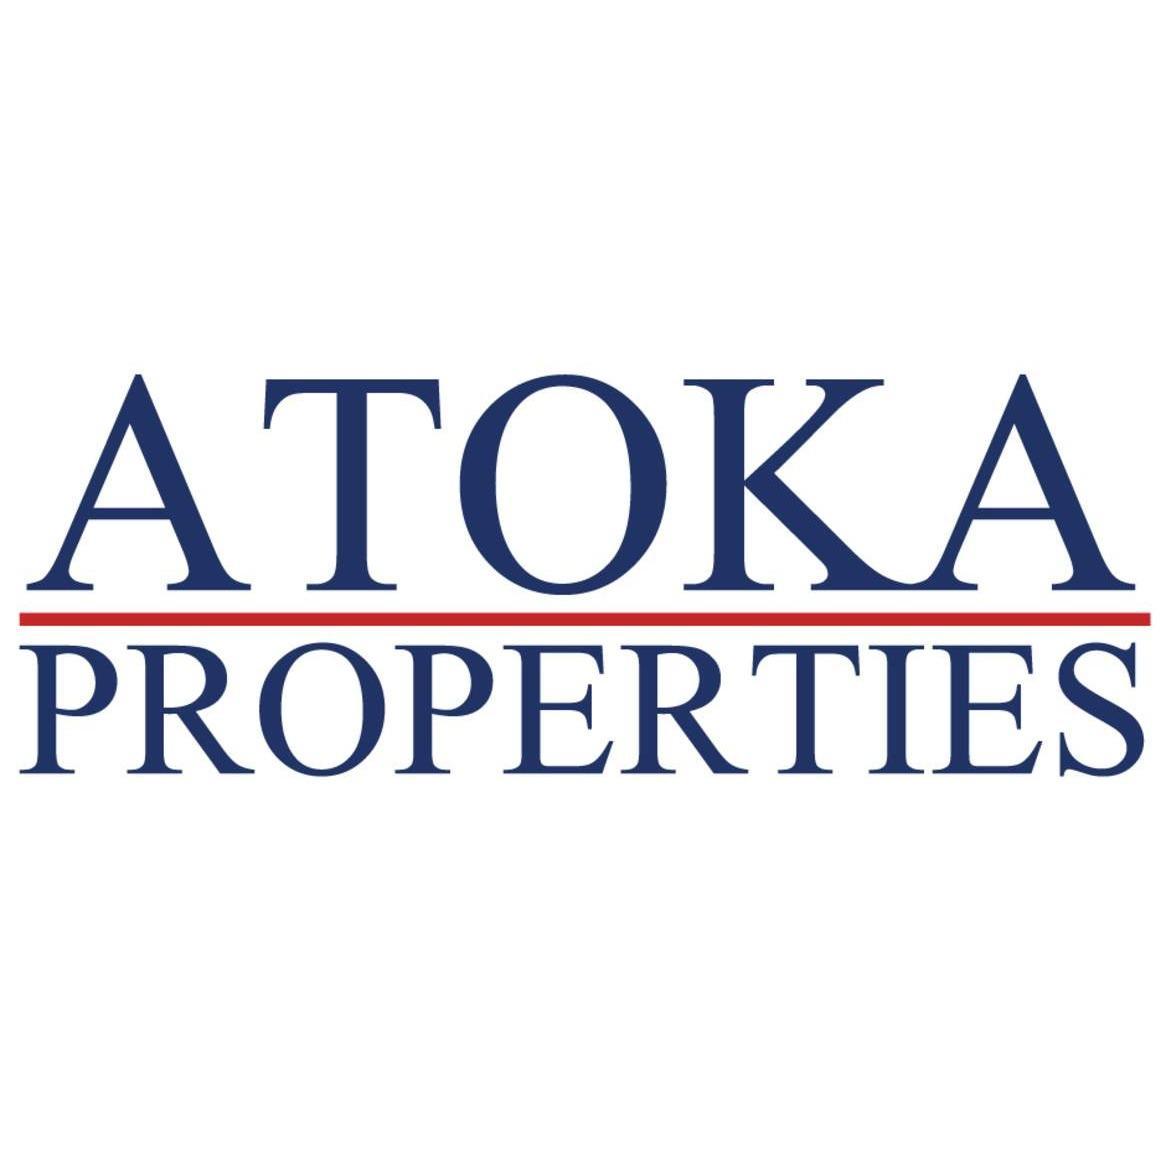 Atoka Properties - Purcellville